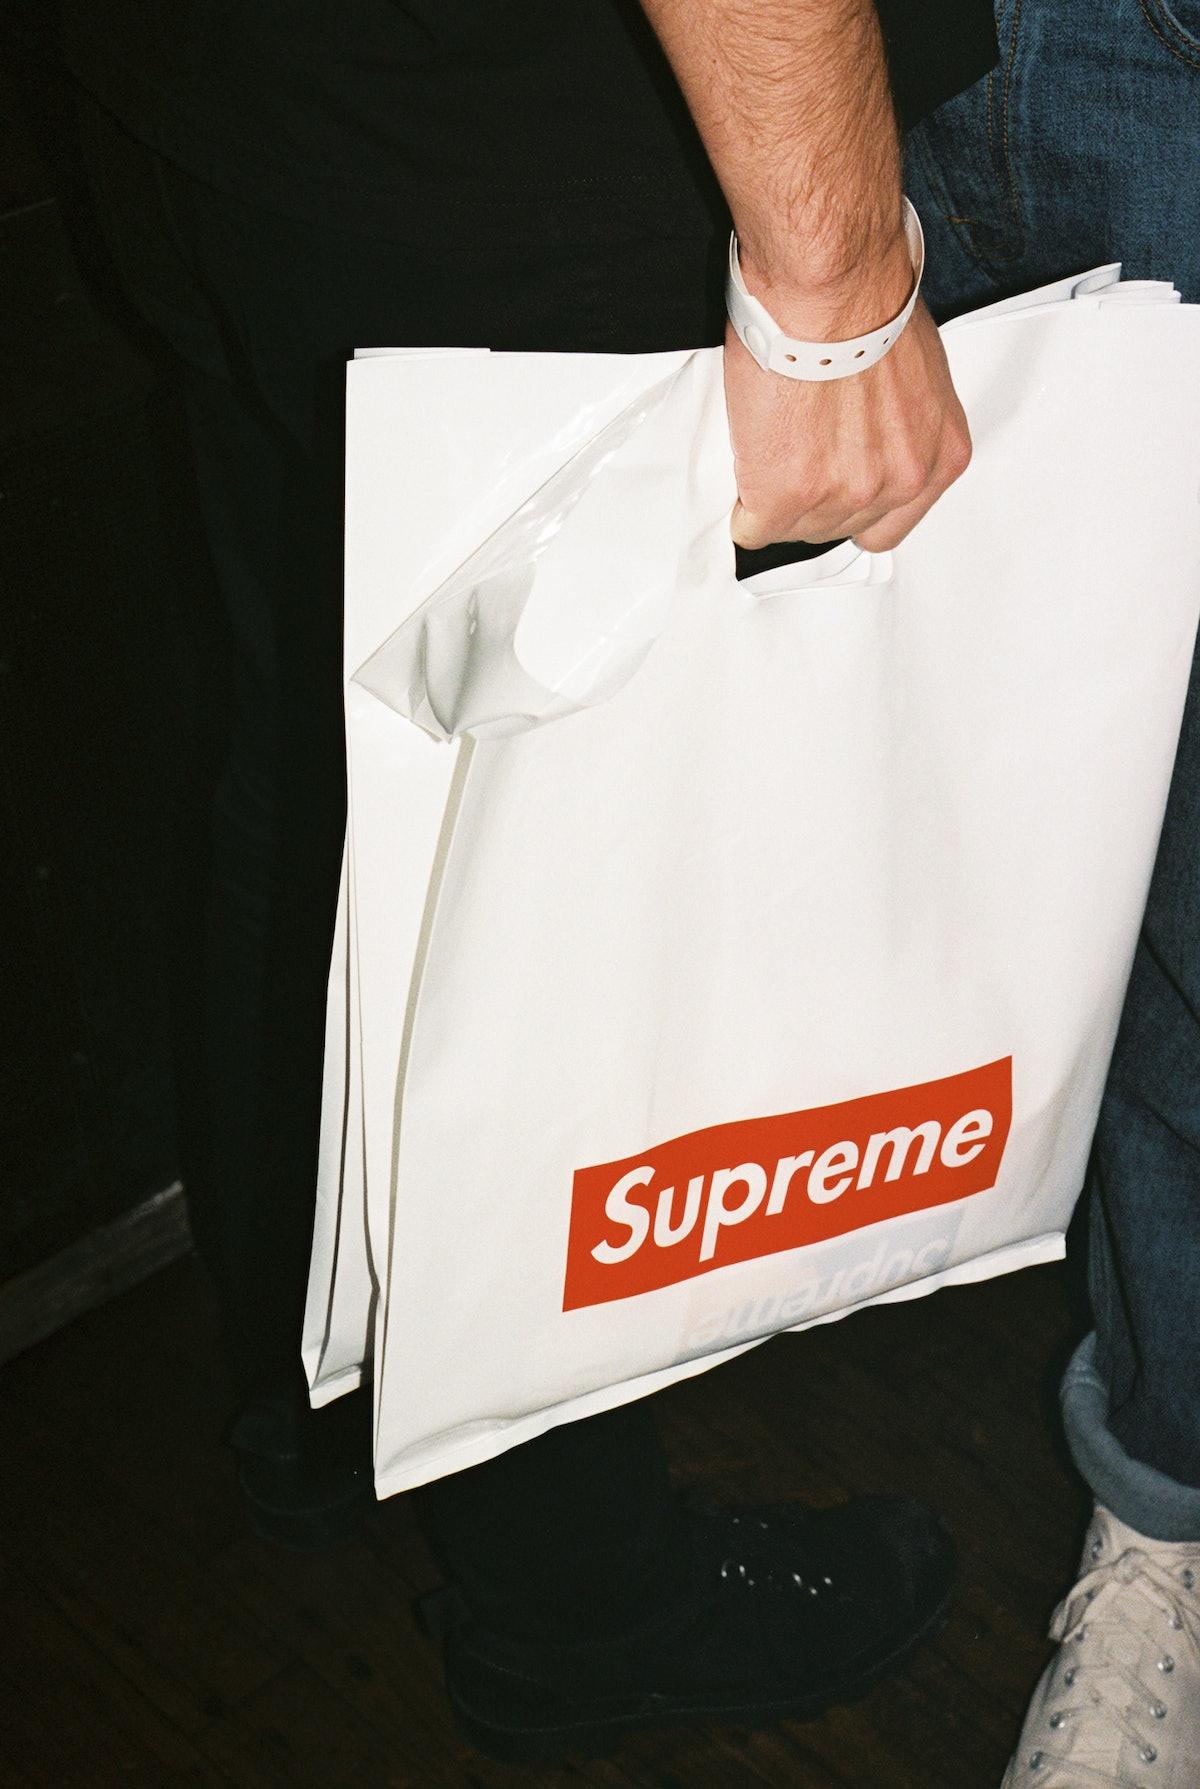 supreme-wmag-kbuitrago-1.jpg